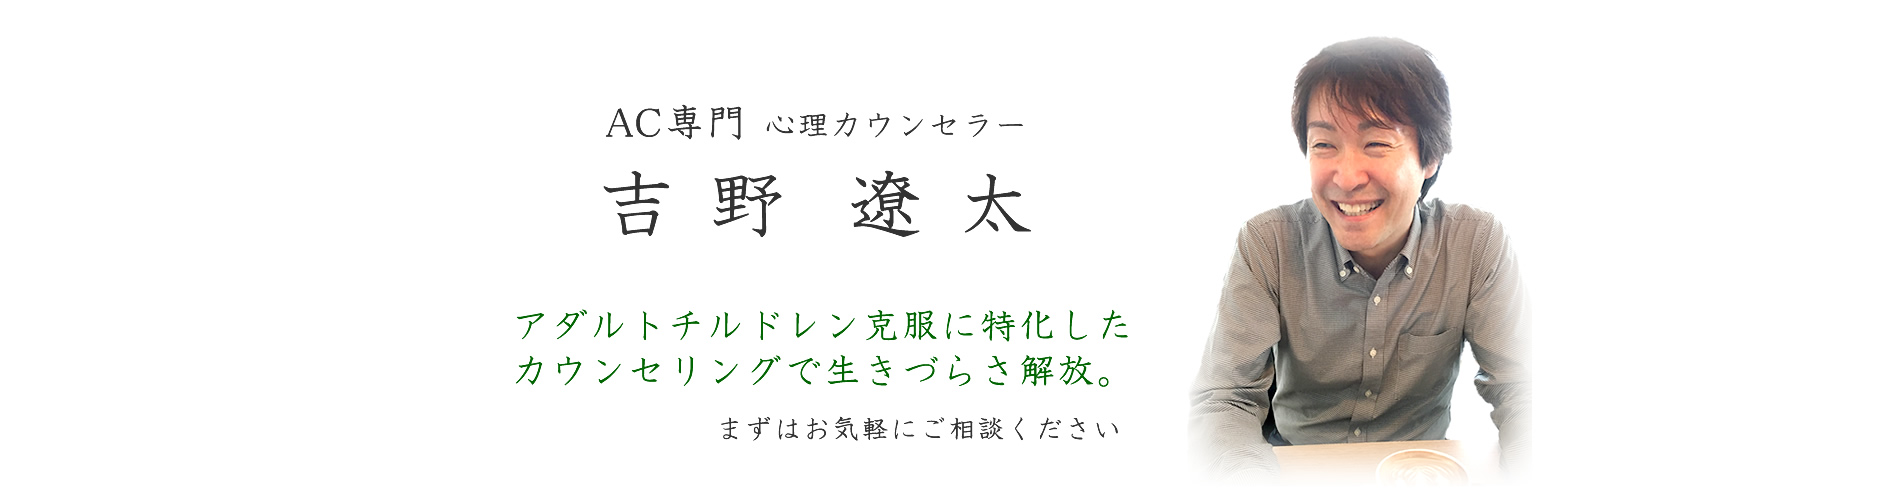 アダルトチルドレン専門カウンセリング(大阪)「心理カウンセラー吉野遼太」